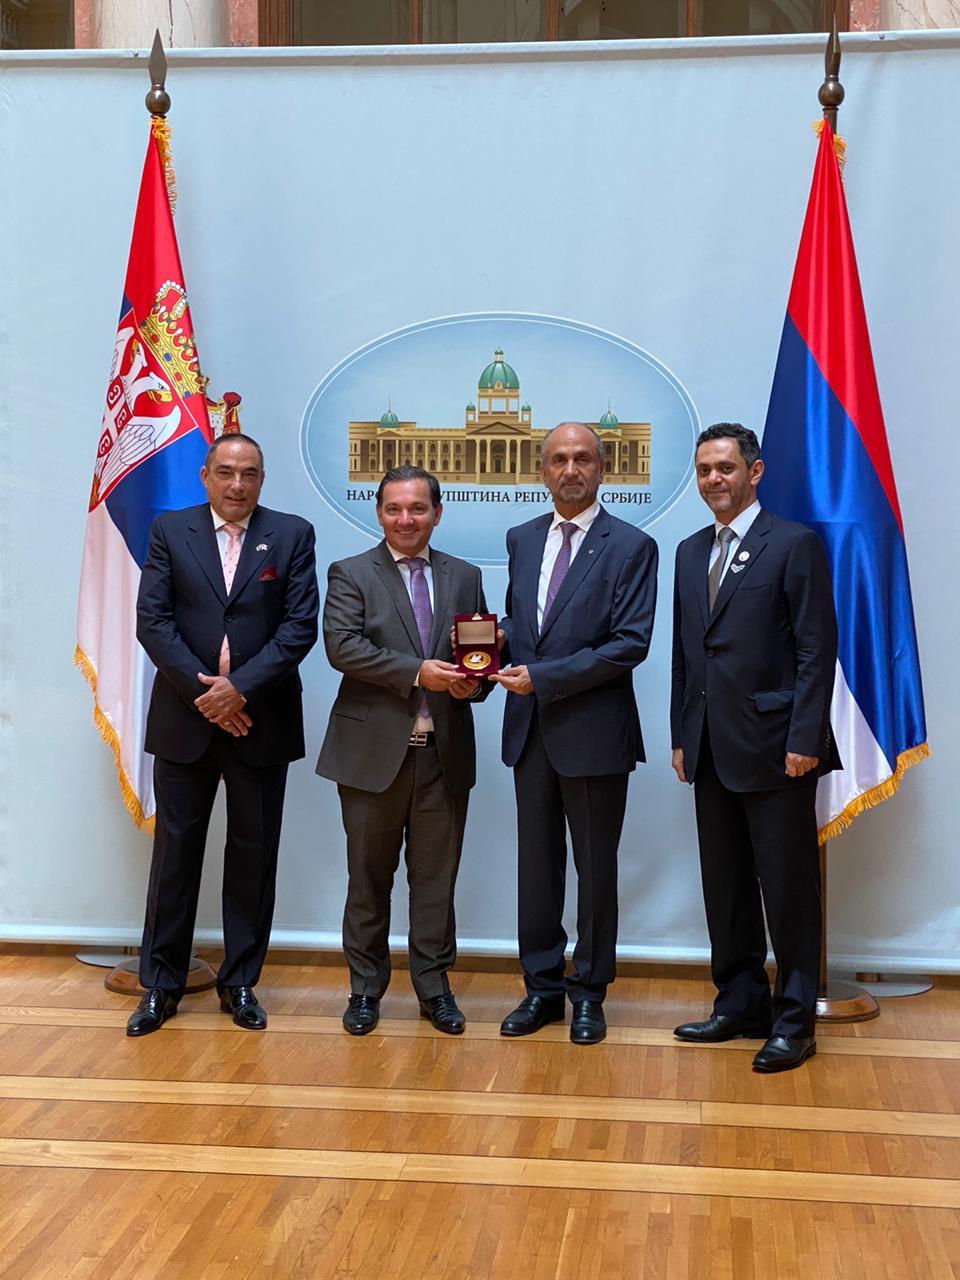 """""""العالمي للتسامح والسلام"""" يبحث سبل التعاون مع البرلمان الصربي"""